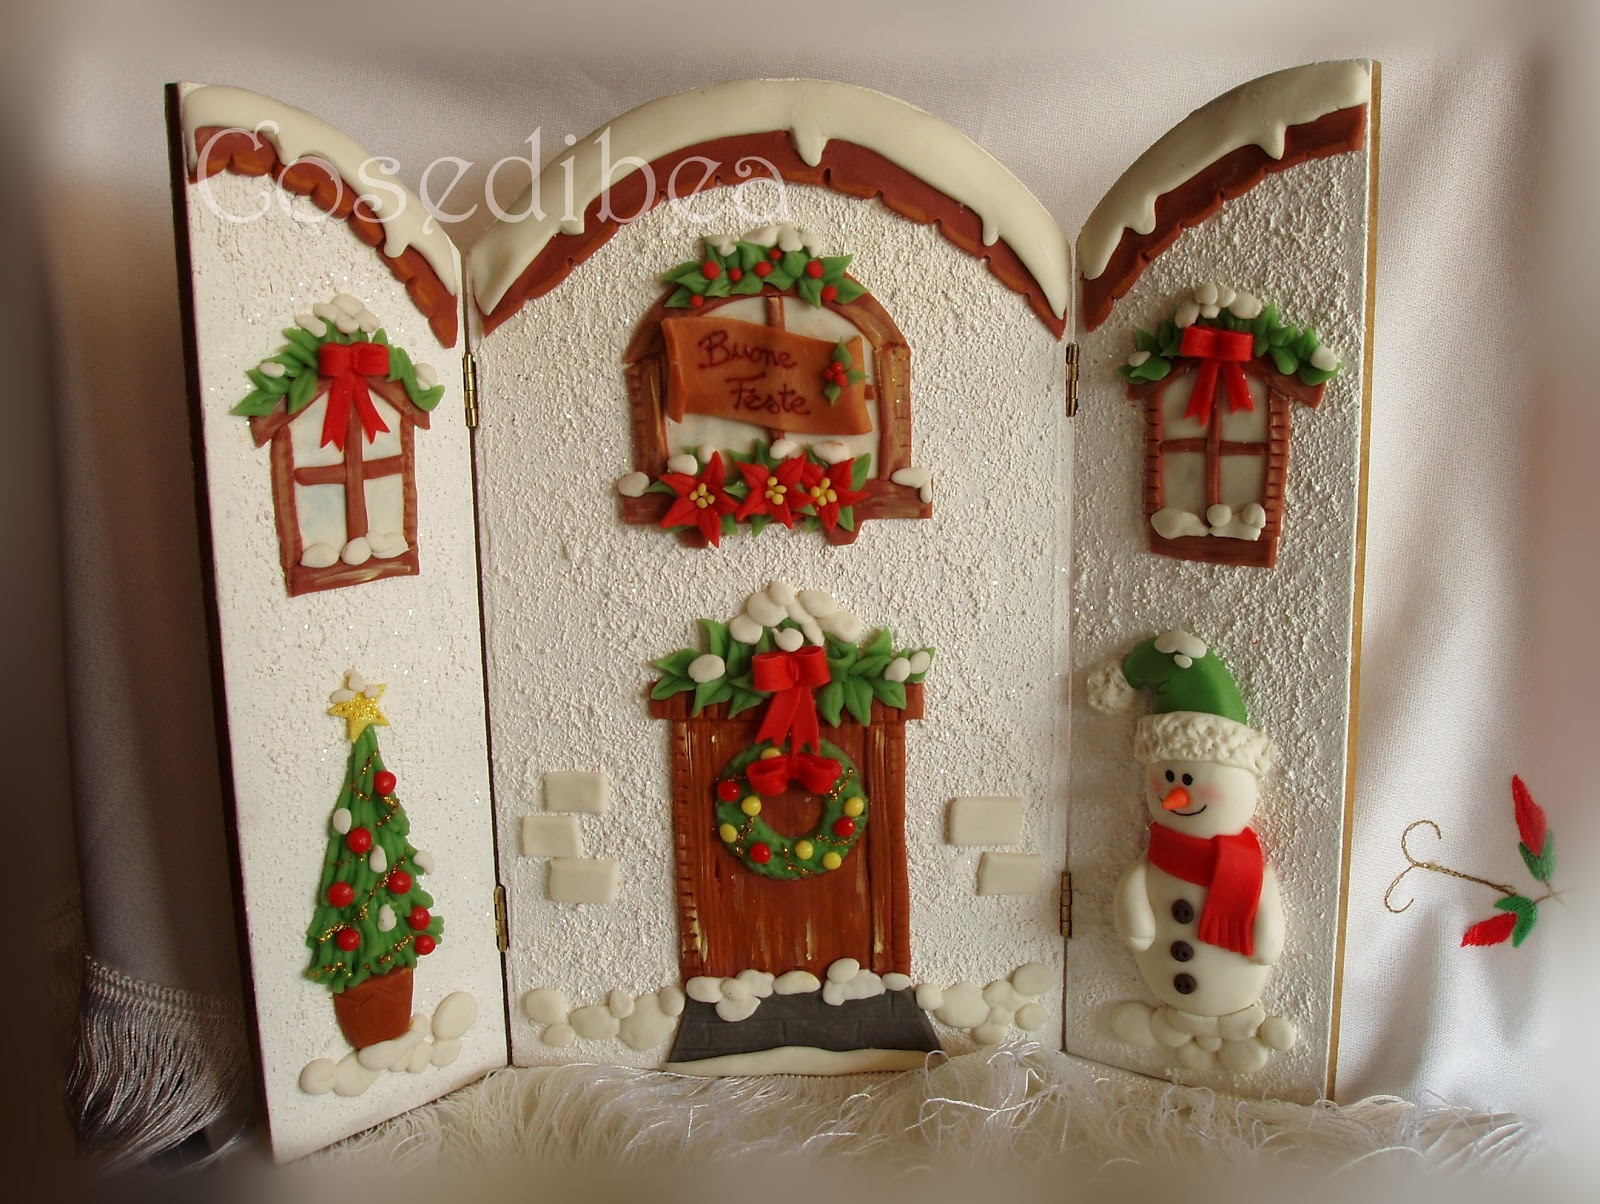 Conosciuto cosedibea: Lavori per i mercatini di Natale HG25